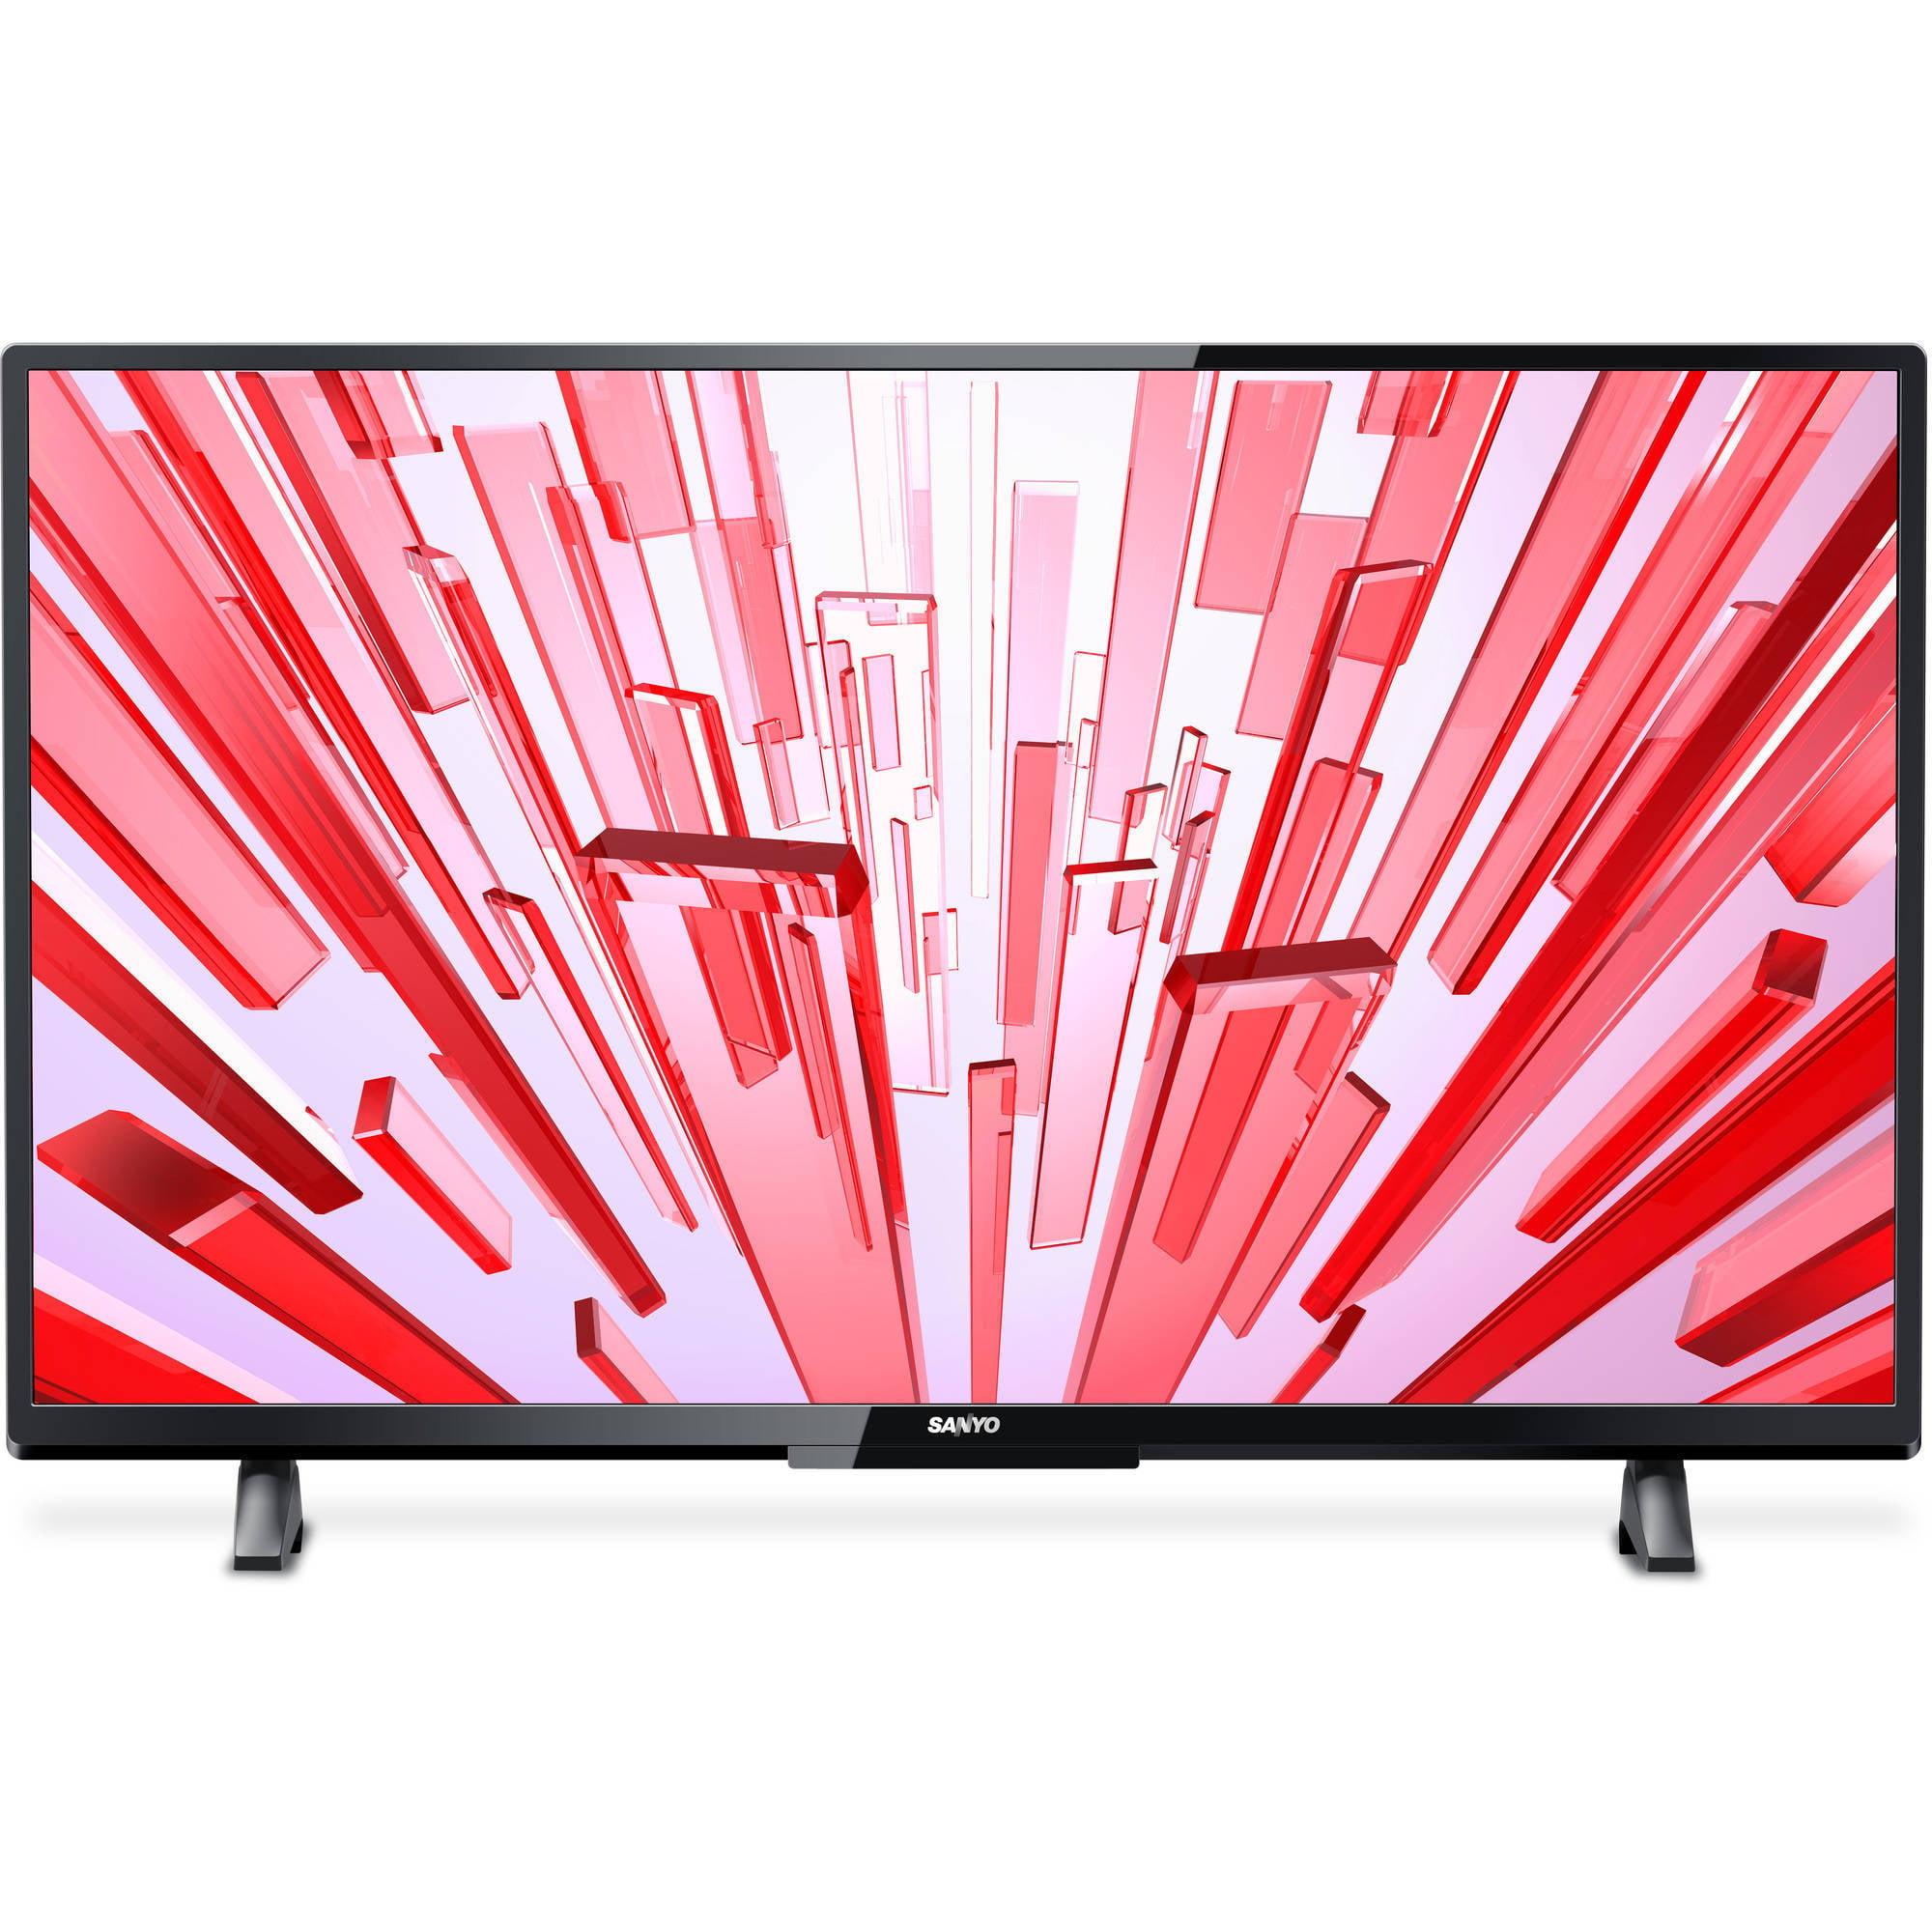 """Refurbished Sanyo 40"""" Class FHD (1080P) LED TV (FW40D36F)"""